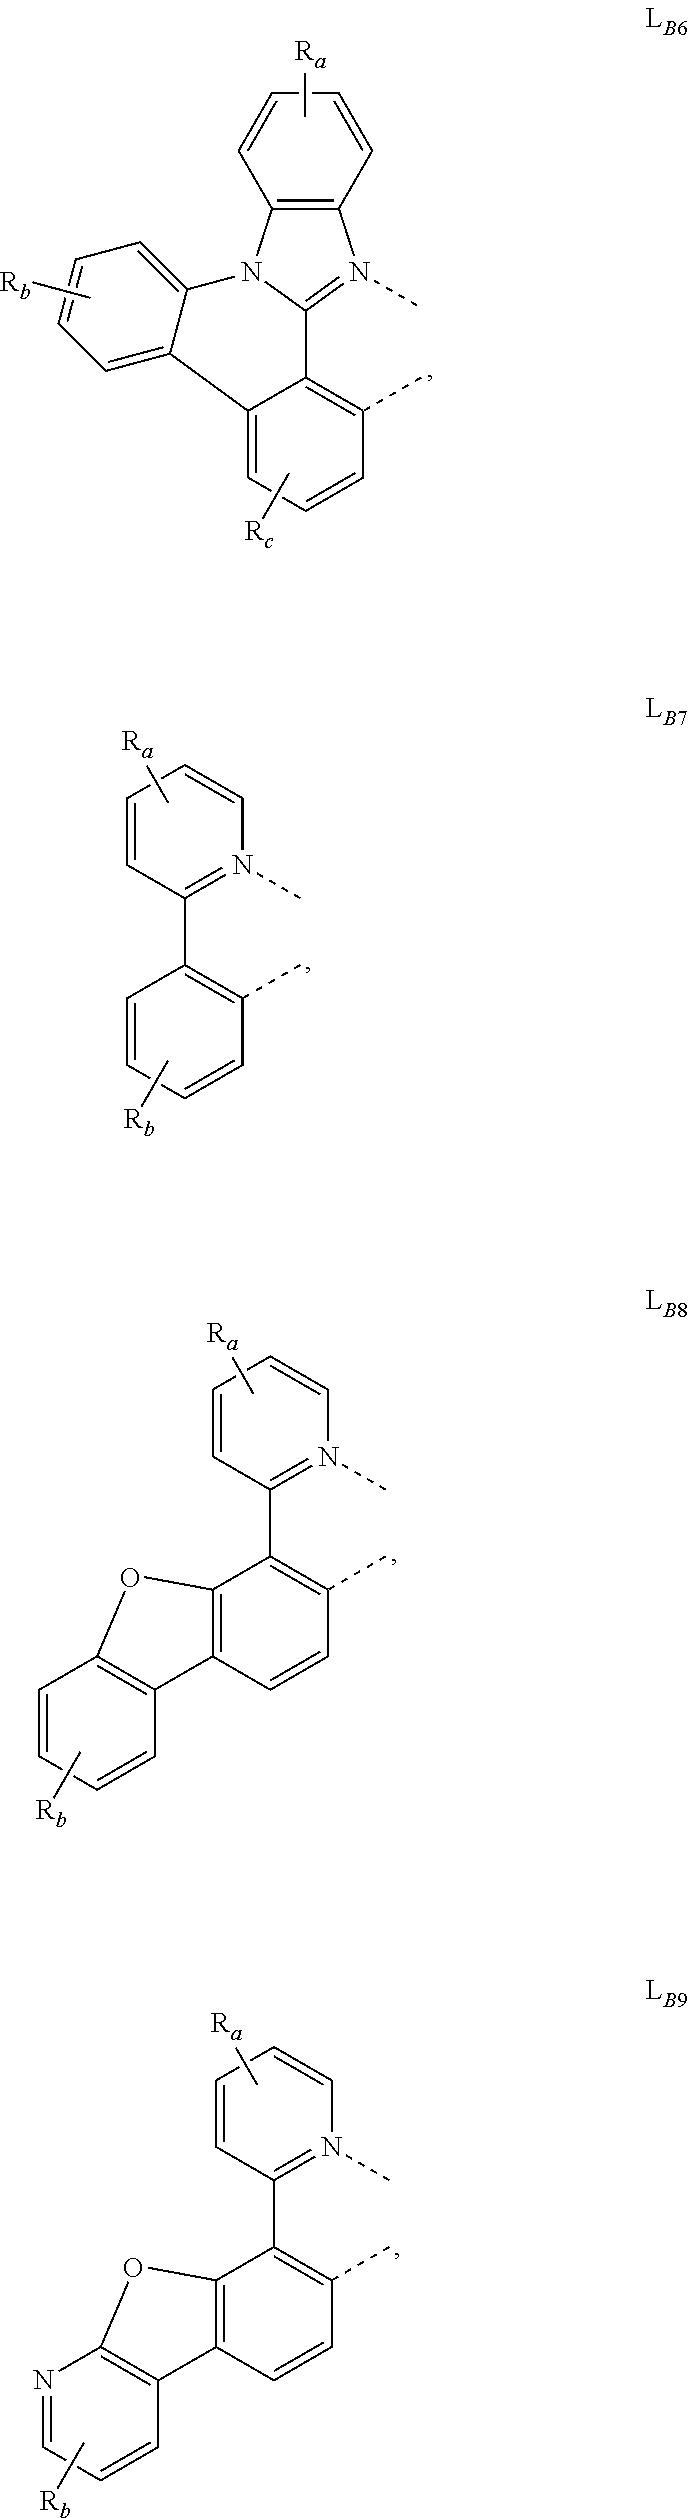 Figure US10121975-20181106-C00009